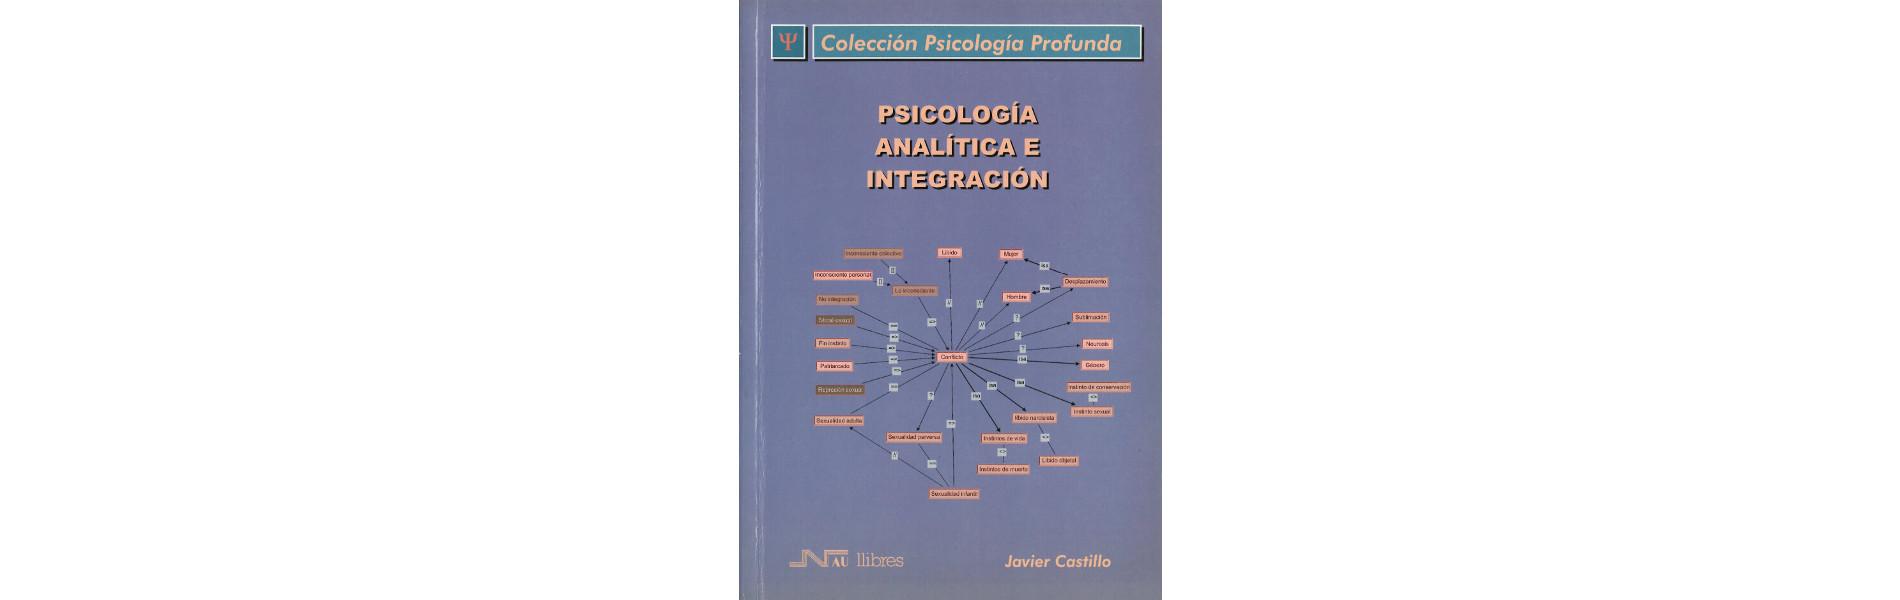 Psicología analítica e integración